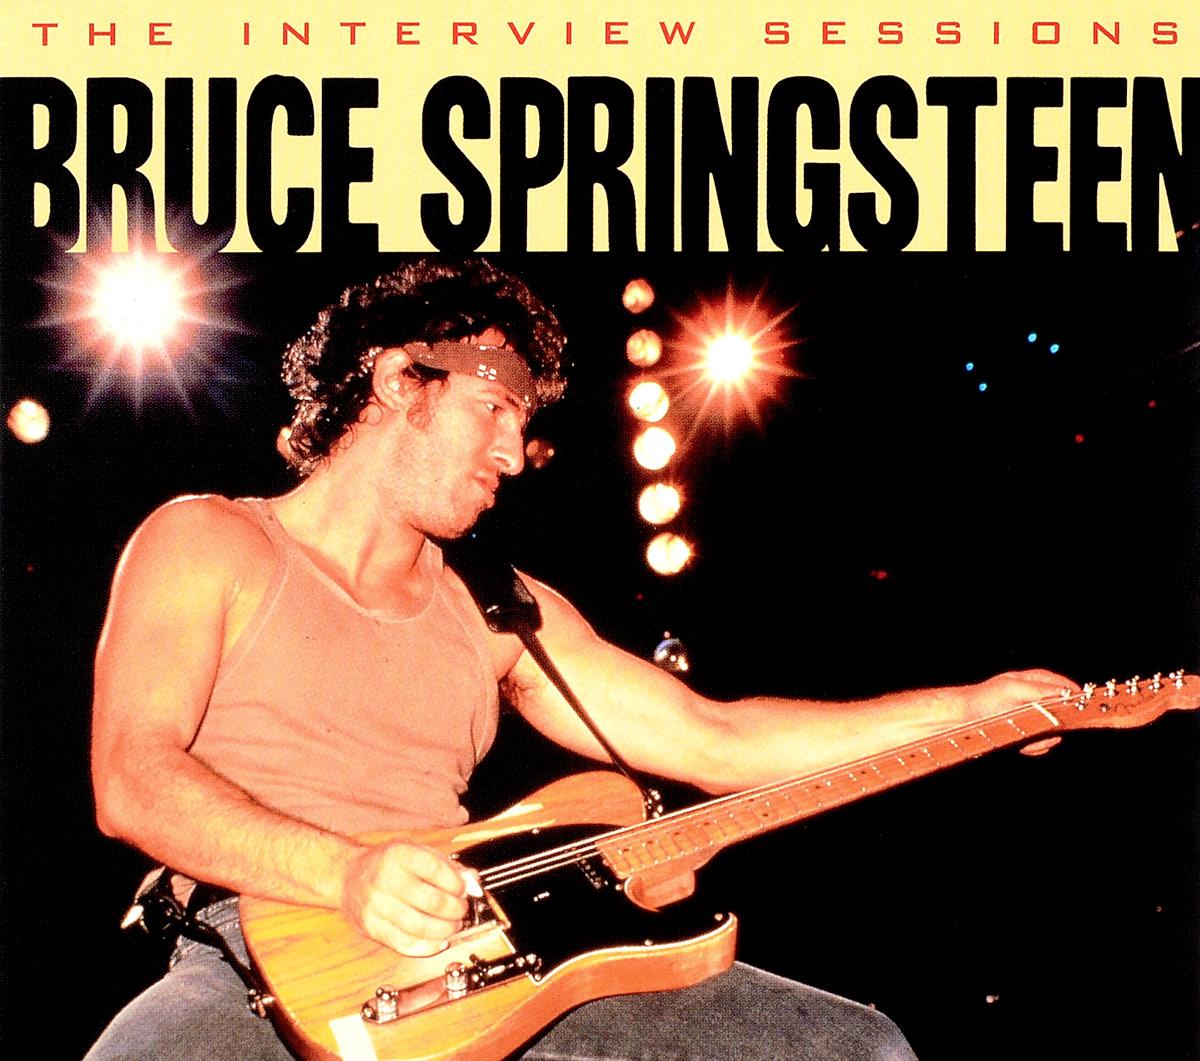 Брюс Спрингстин Bruce Springsteen. The Interview Sessions брюс спрингстин bruce springsteen born to run remastered